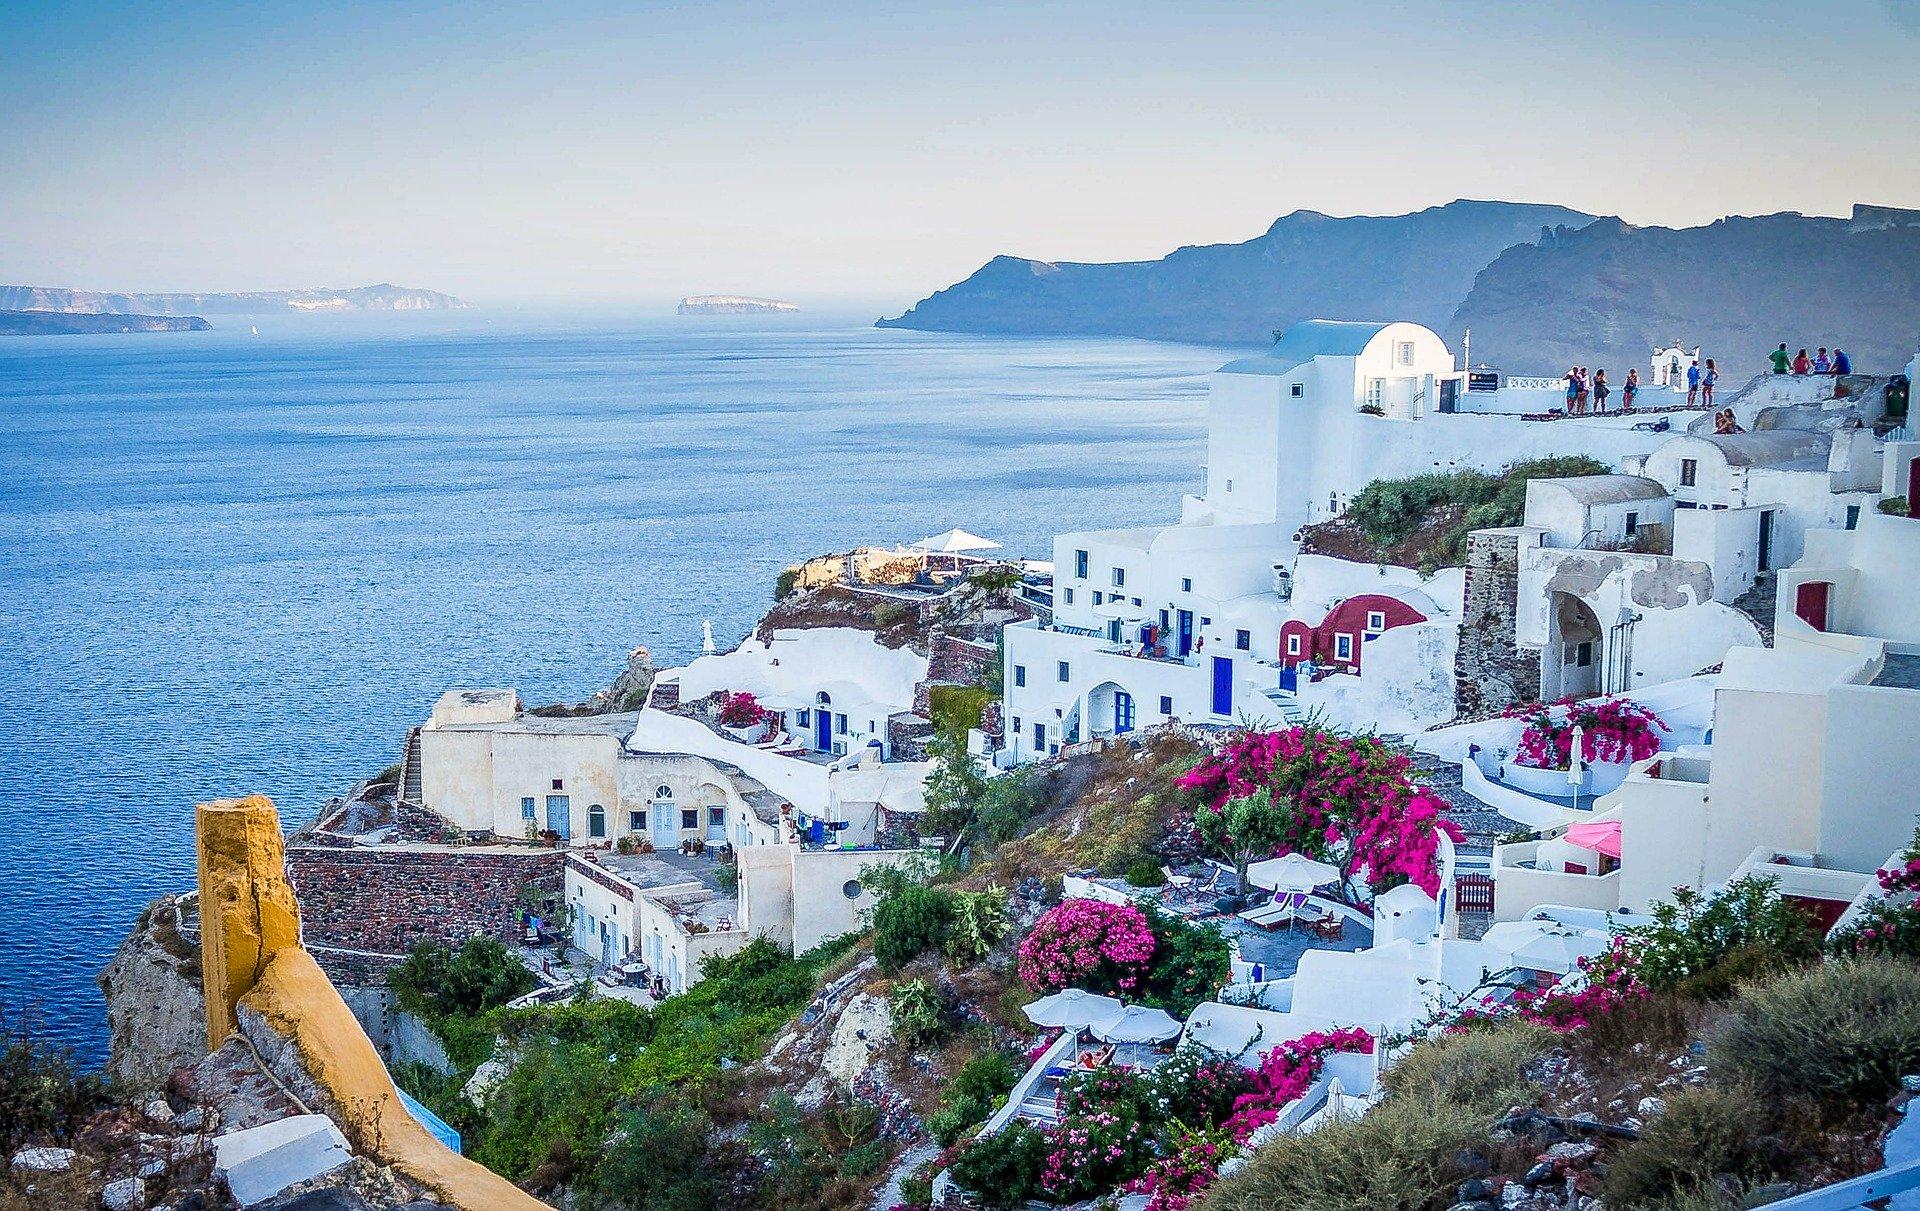 Sprachreise nach Griechenland: Empfehlungen & Vergleich (03/21)